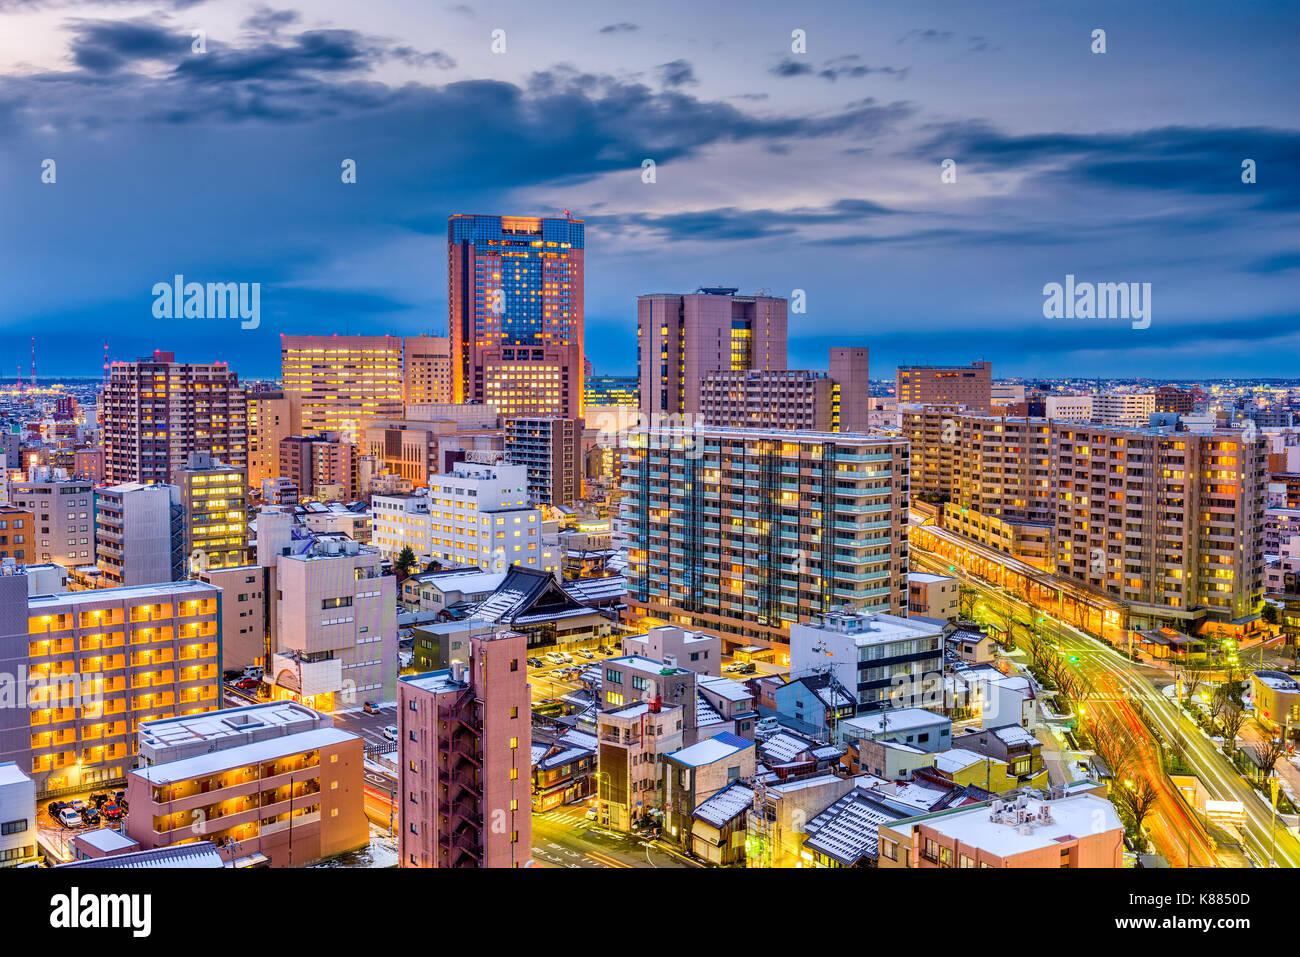 Kanazawa, Japan die Skyline in der Dämmerung. Stockbild